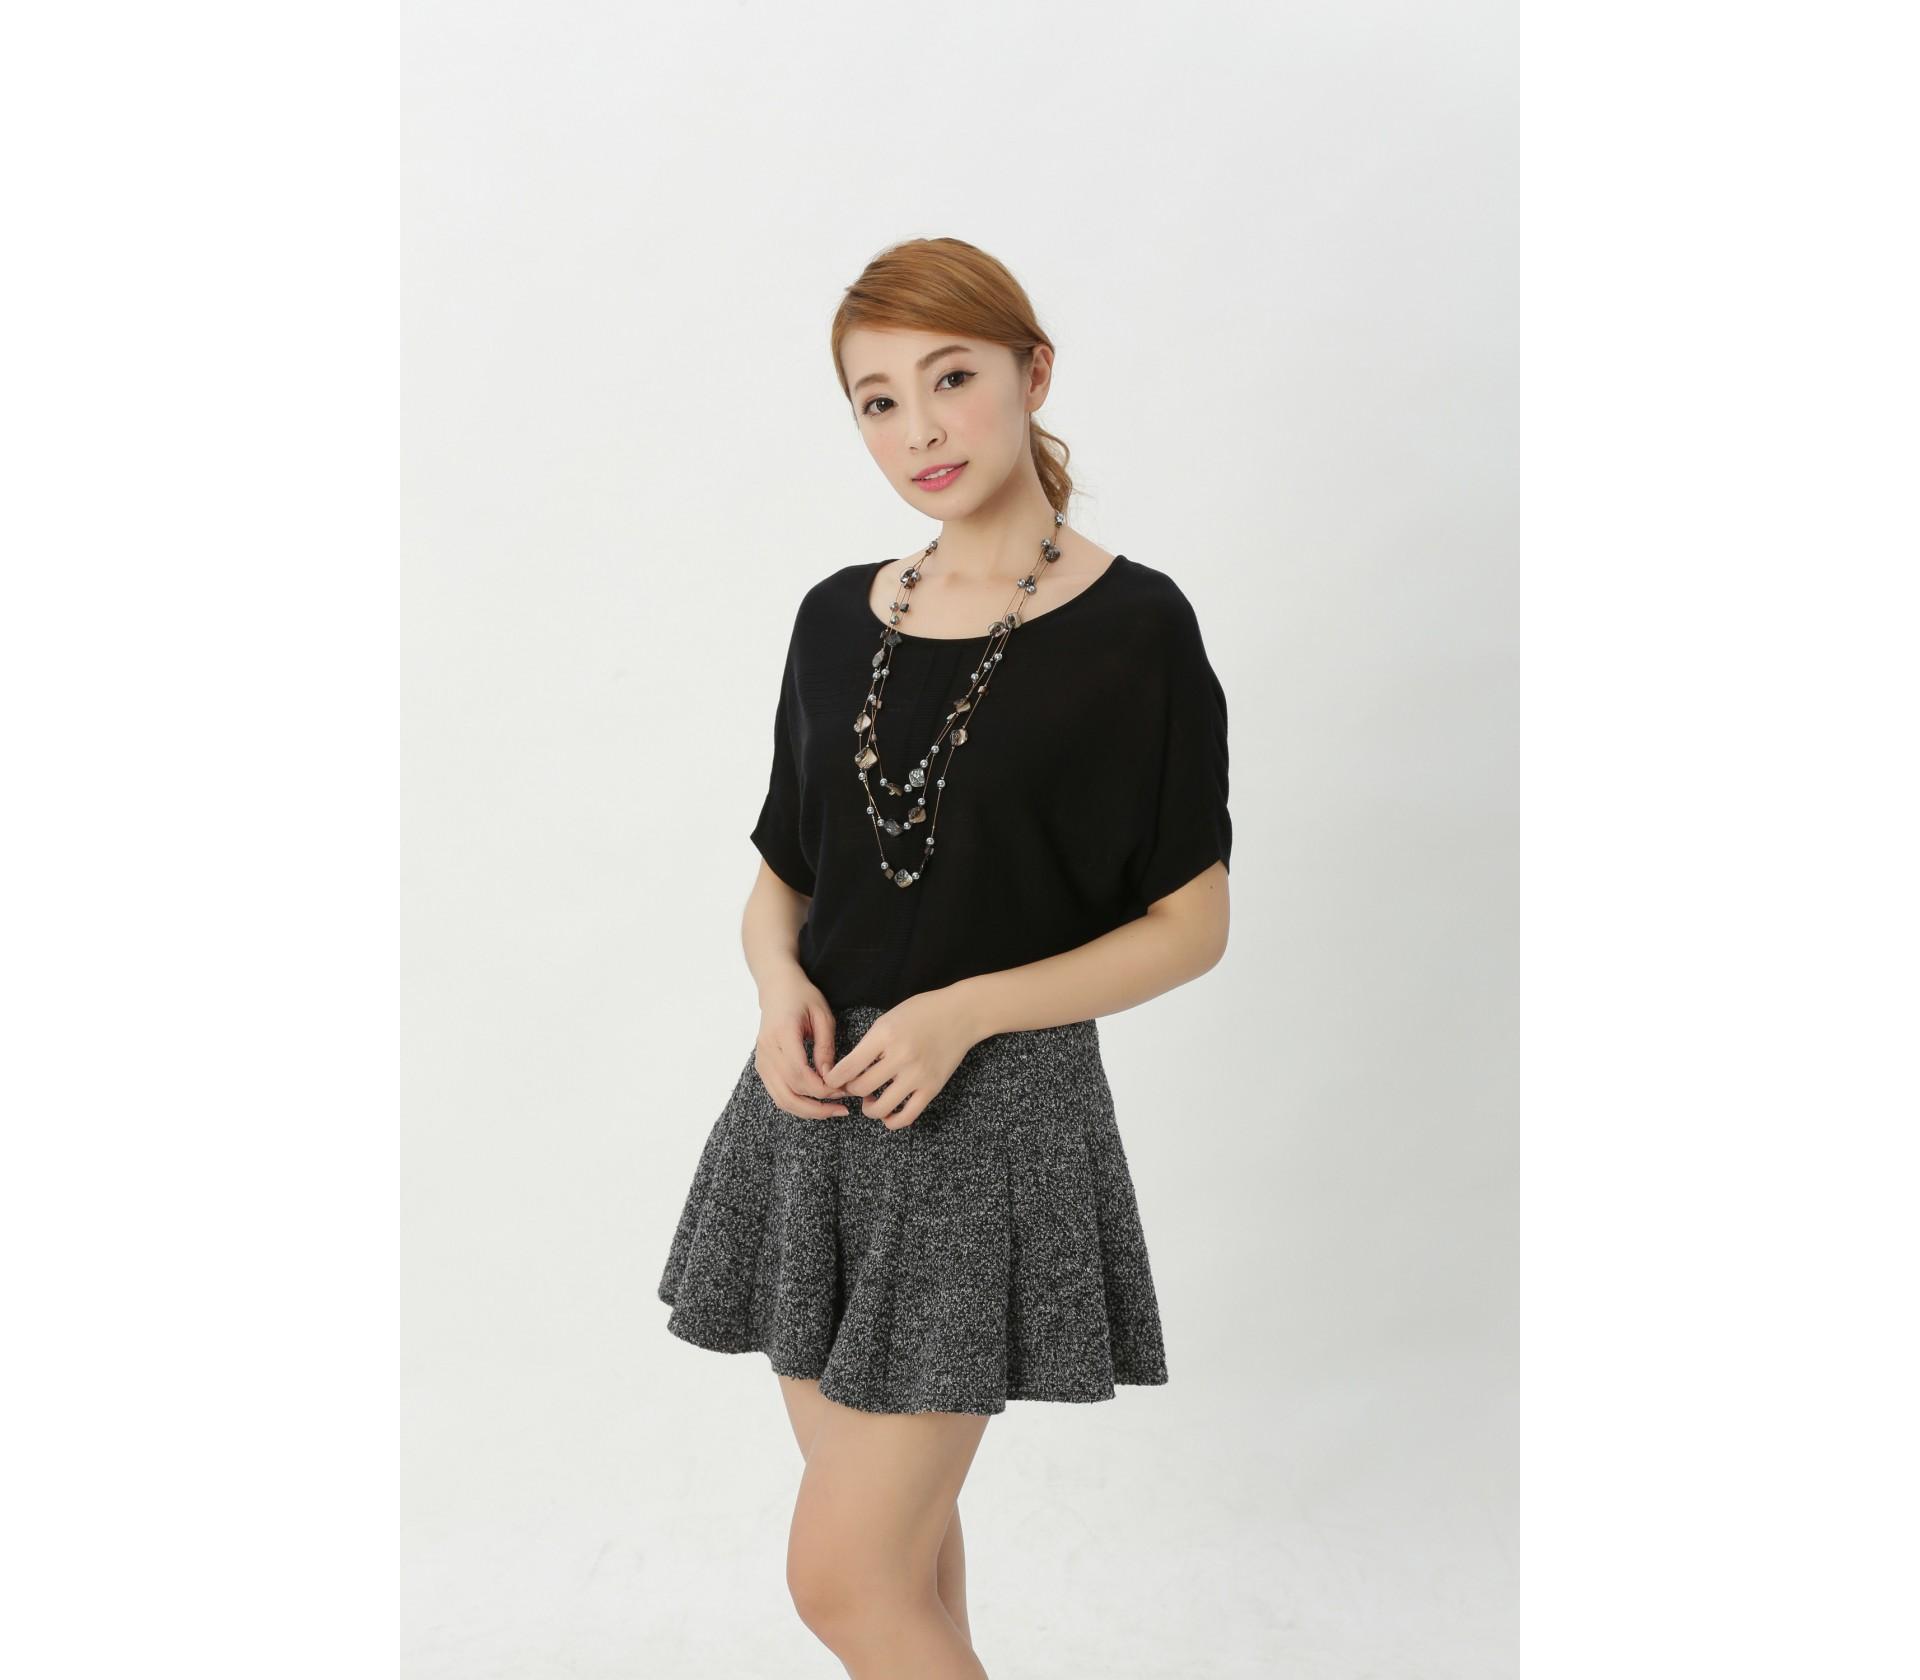 闕蘭絹簡約舒適100%蠶絲上衣-609(黑)